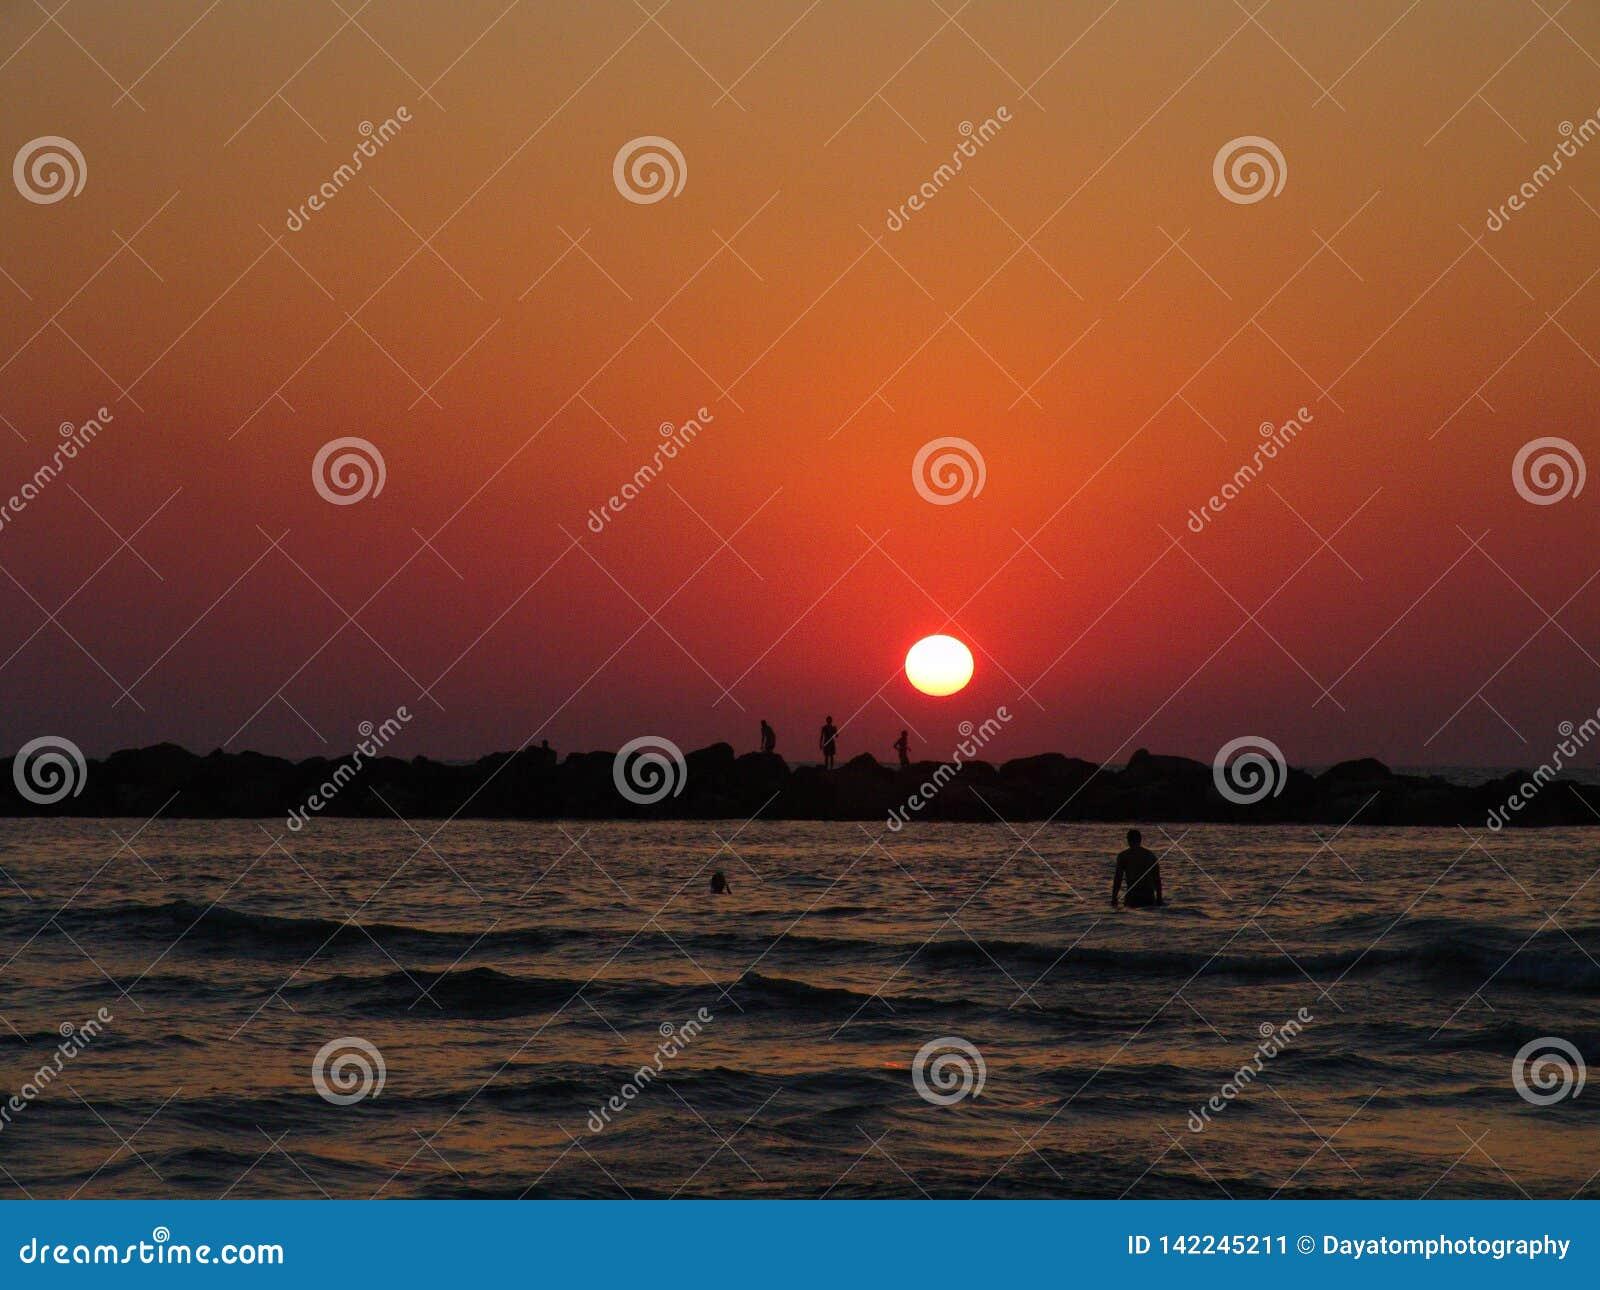 Спокойный заход солнца лета над пляжем моря Тель-Авив, в ярких оранжевых цветах с силуэтами людей плавая, удя и идя дальше